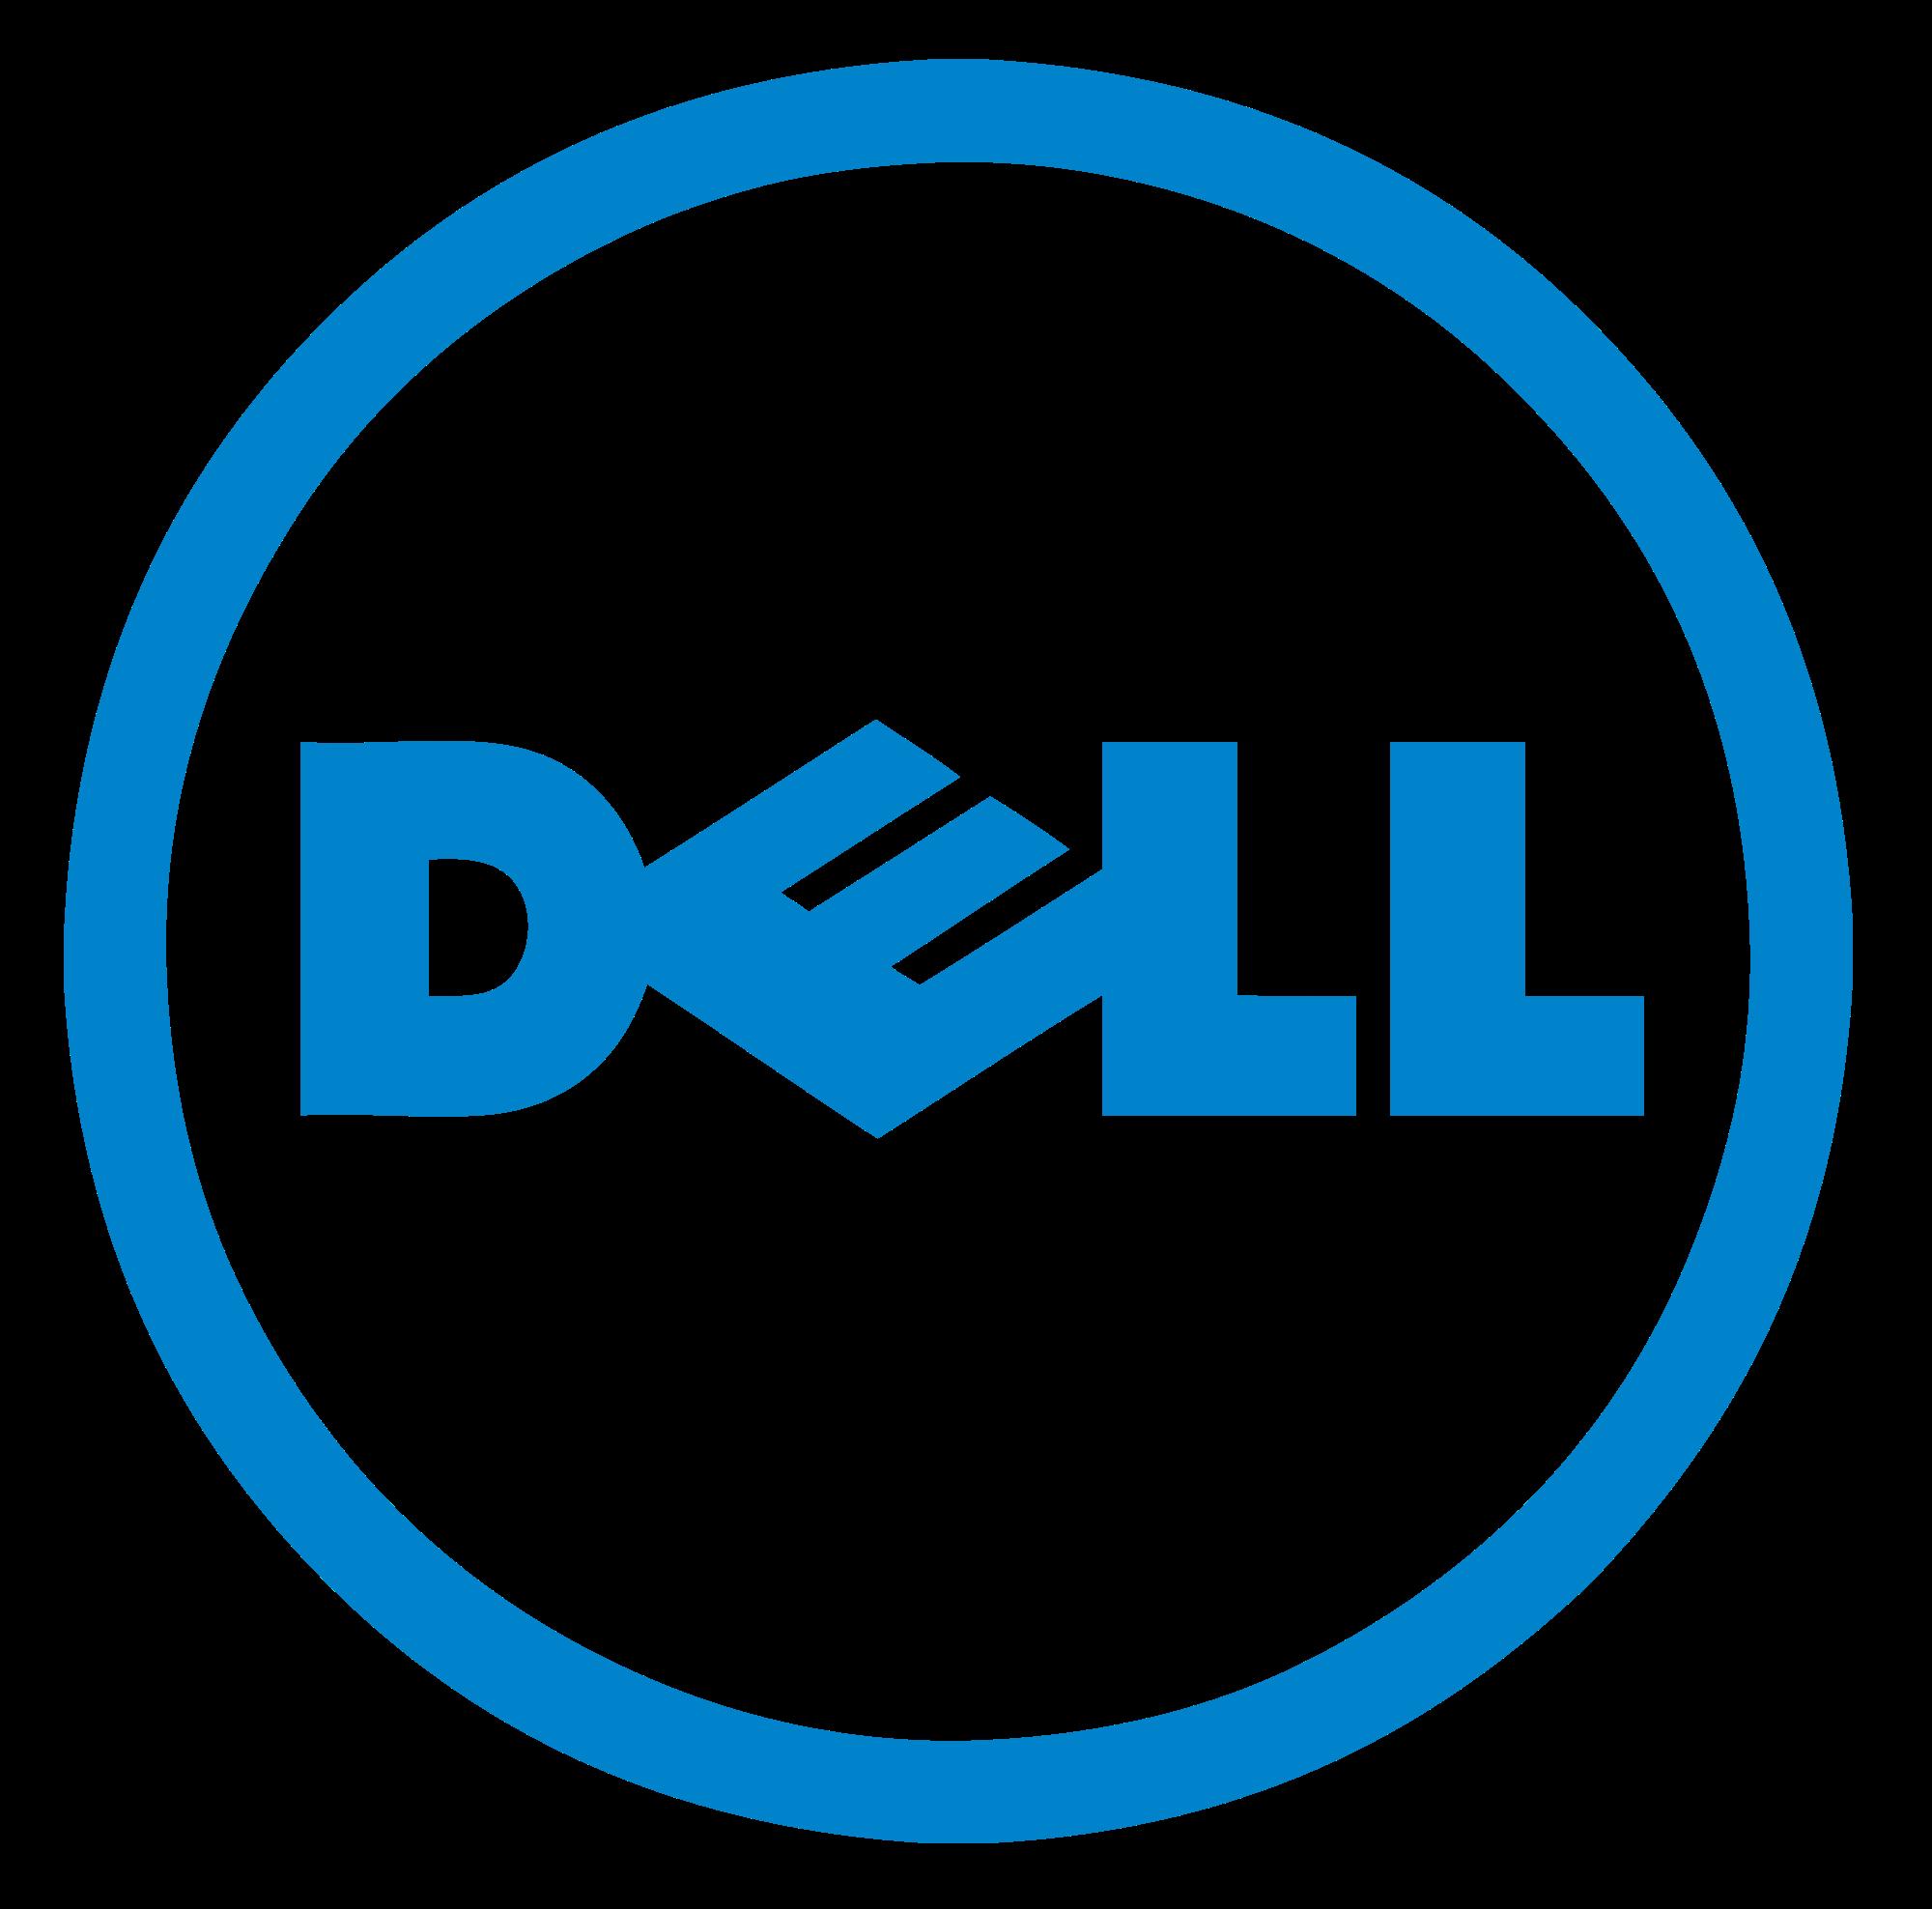 Dell Computadores de Brasil